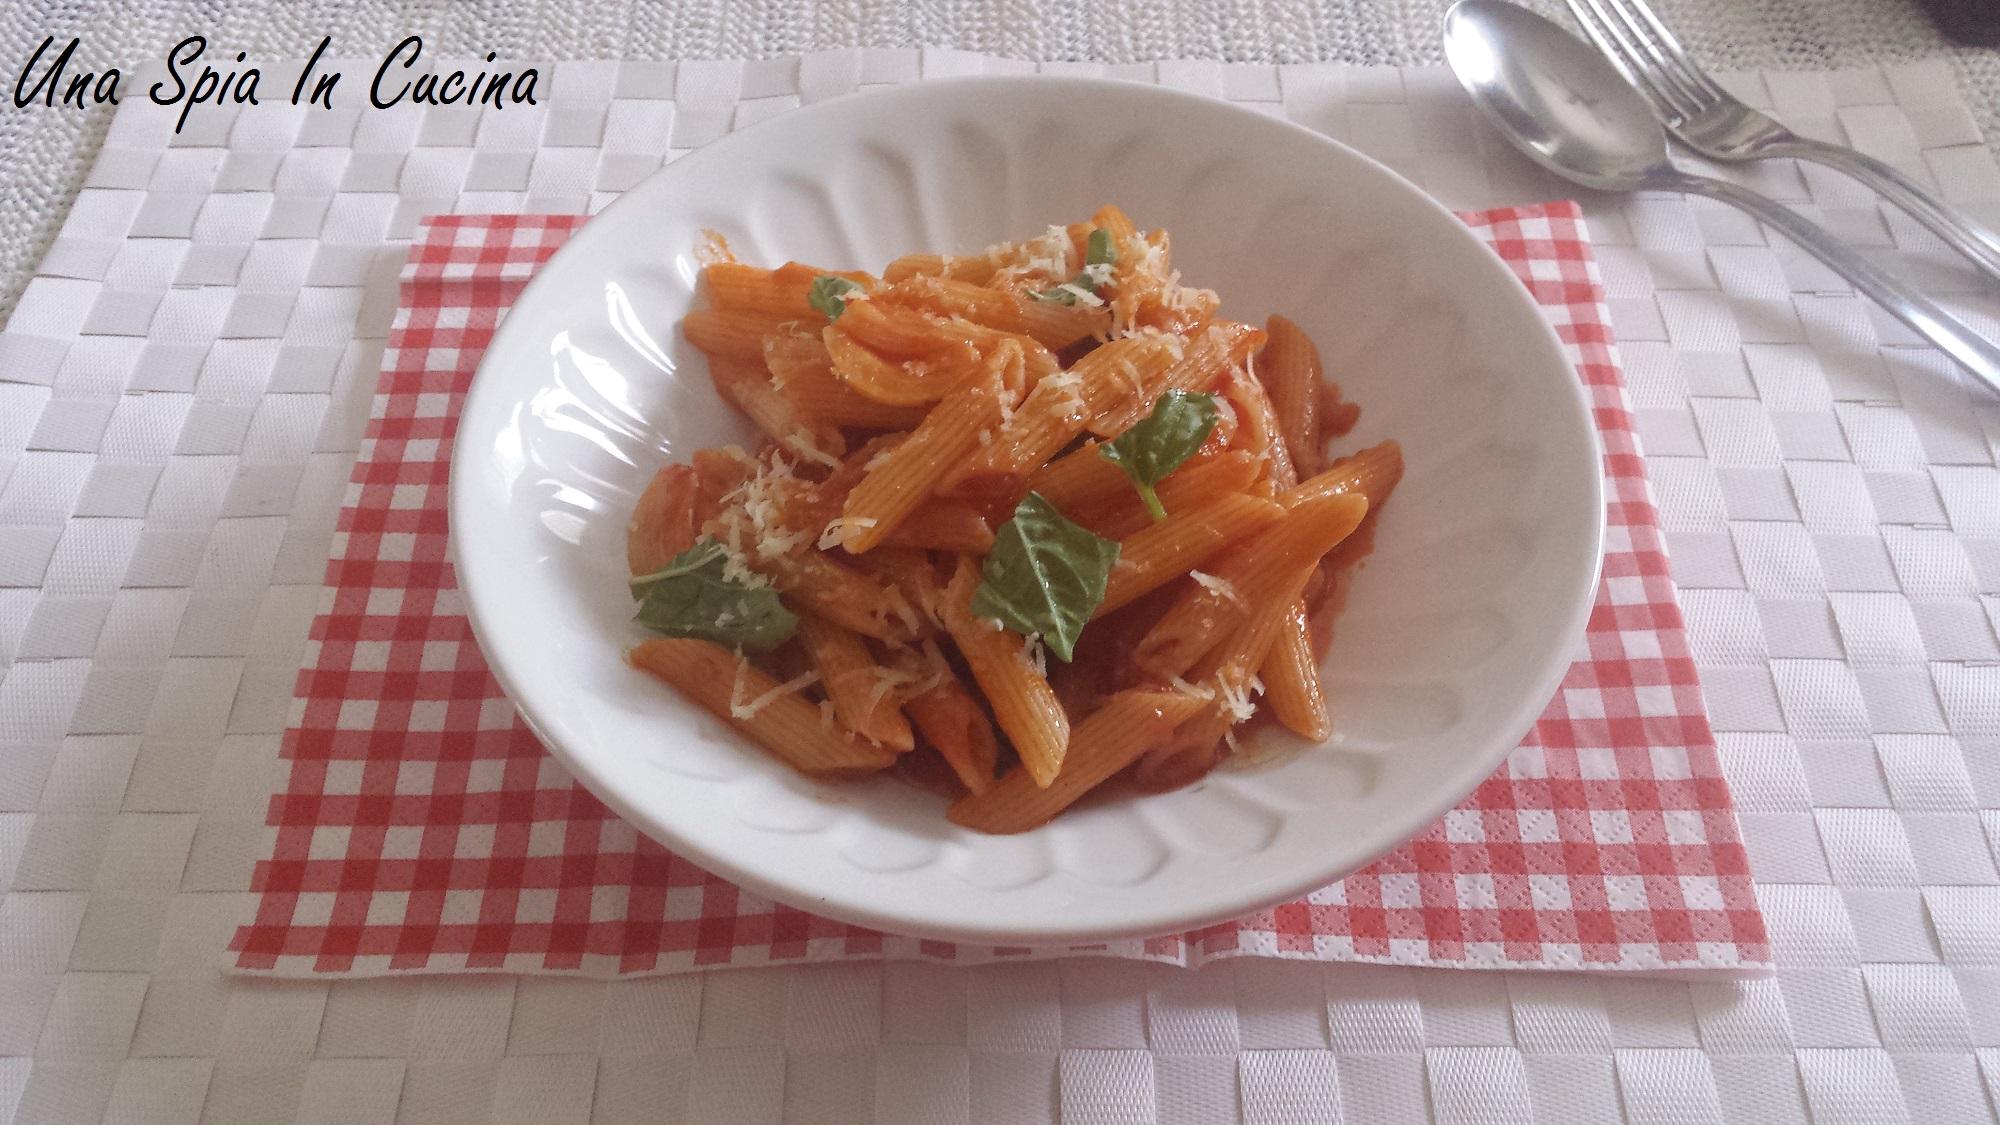 Ricetta siciliana - Pasta al pic pac